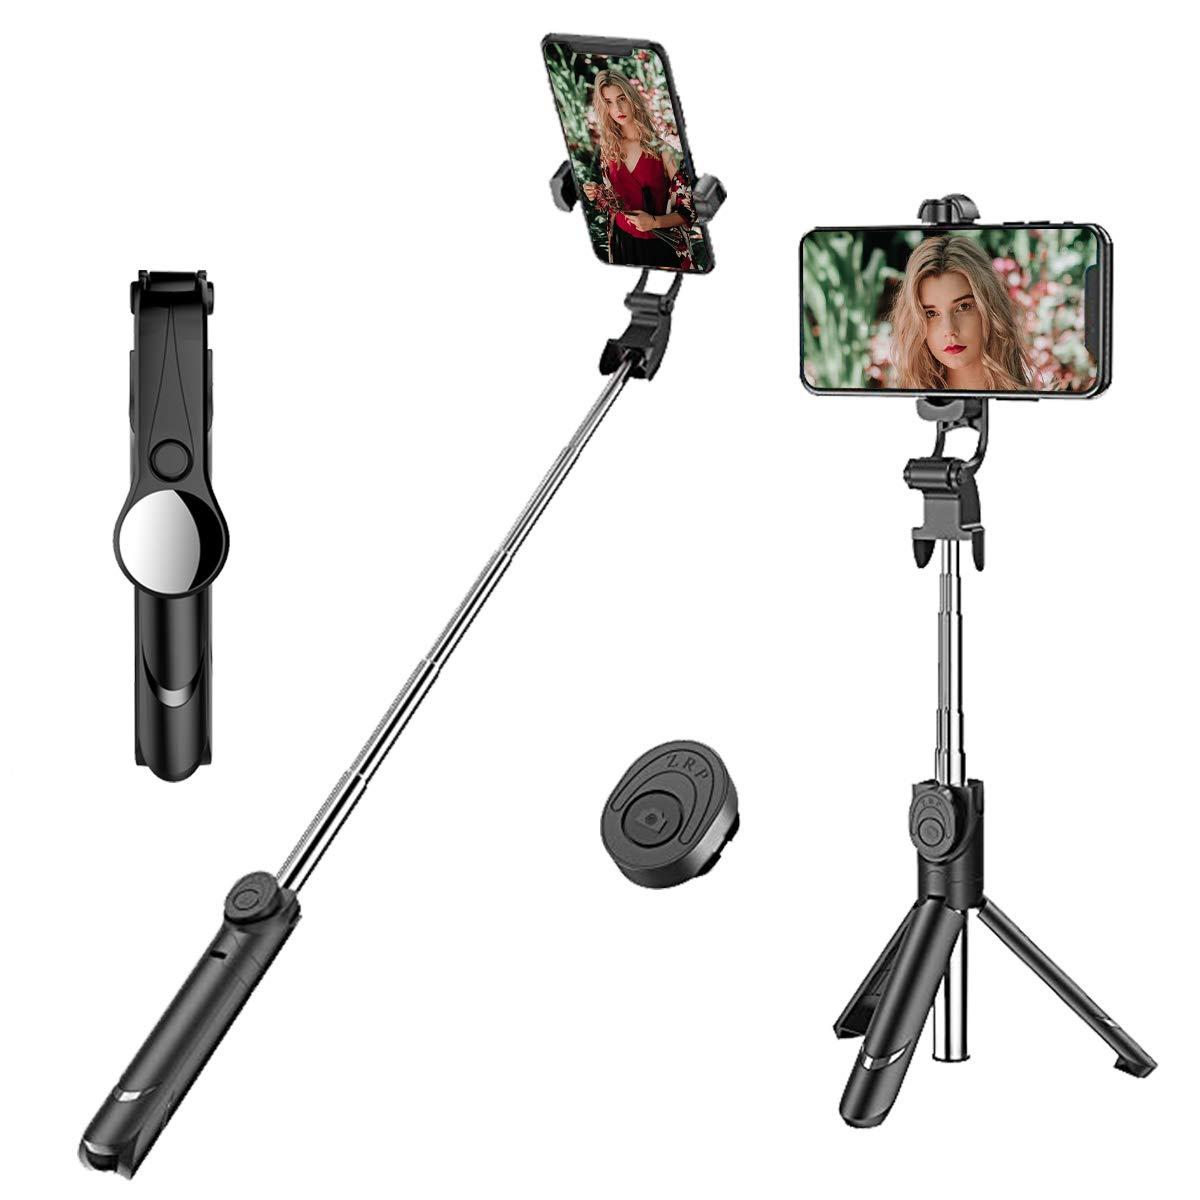 LATEC Selfie Stick Stativ Ausziehbarer Bluetooth Selfie Stick Tragbares Einbeinstativ mit Drahtloser Fernbedienung 2 in 1 Multifunktionsstativ f/ür 3,5-6 Zoll Smartphones